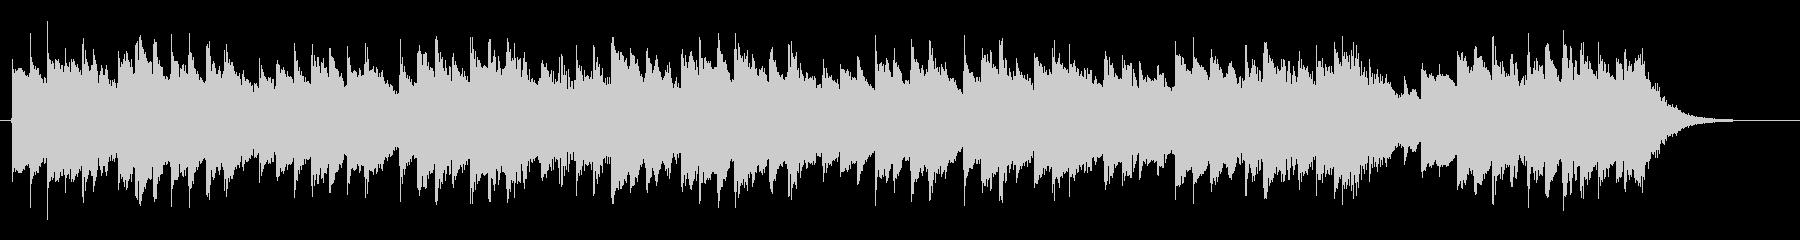 軽快なオルゴールジングル(27秒)の未再生の波形